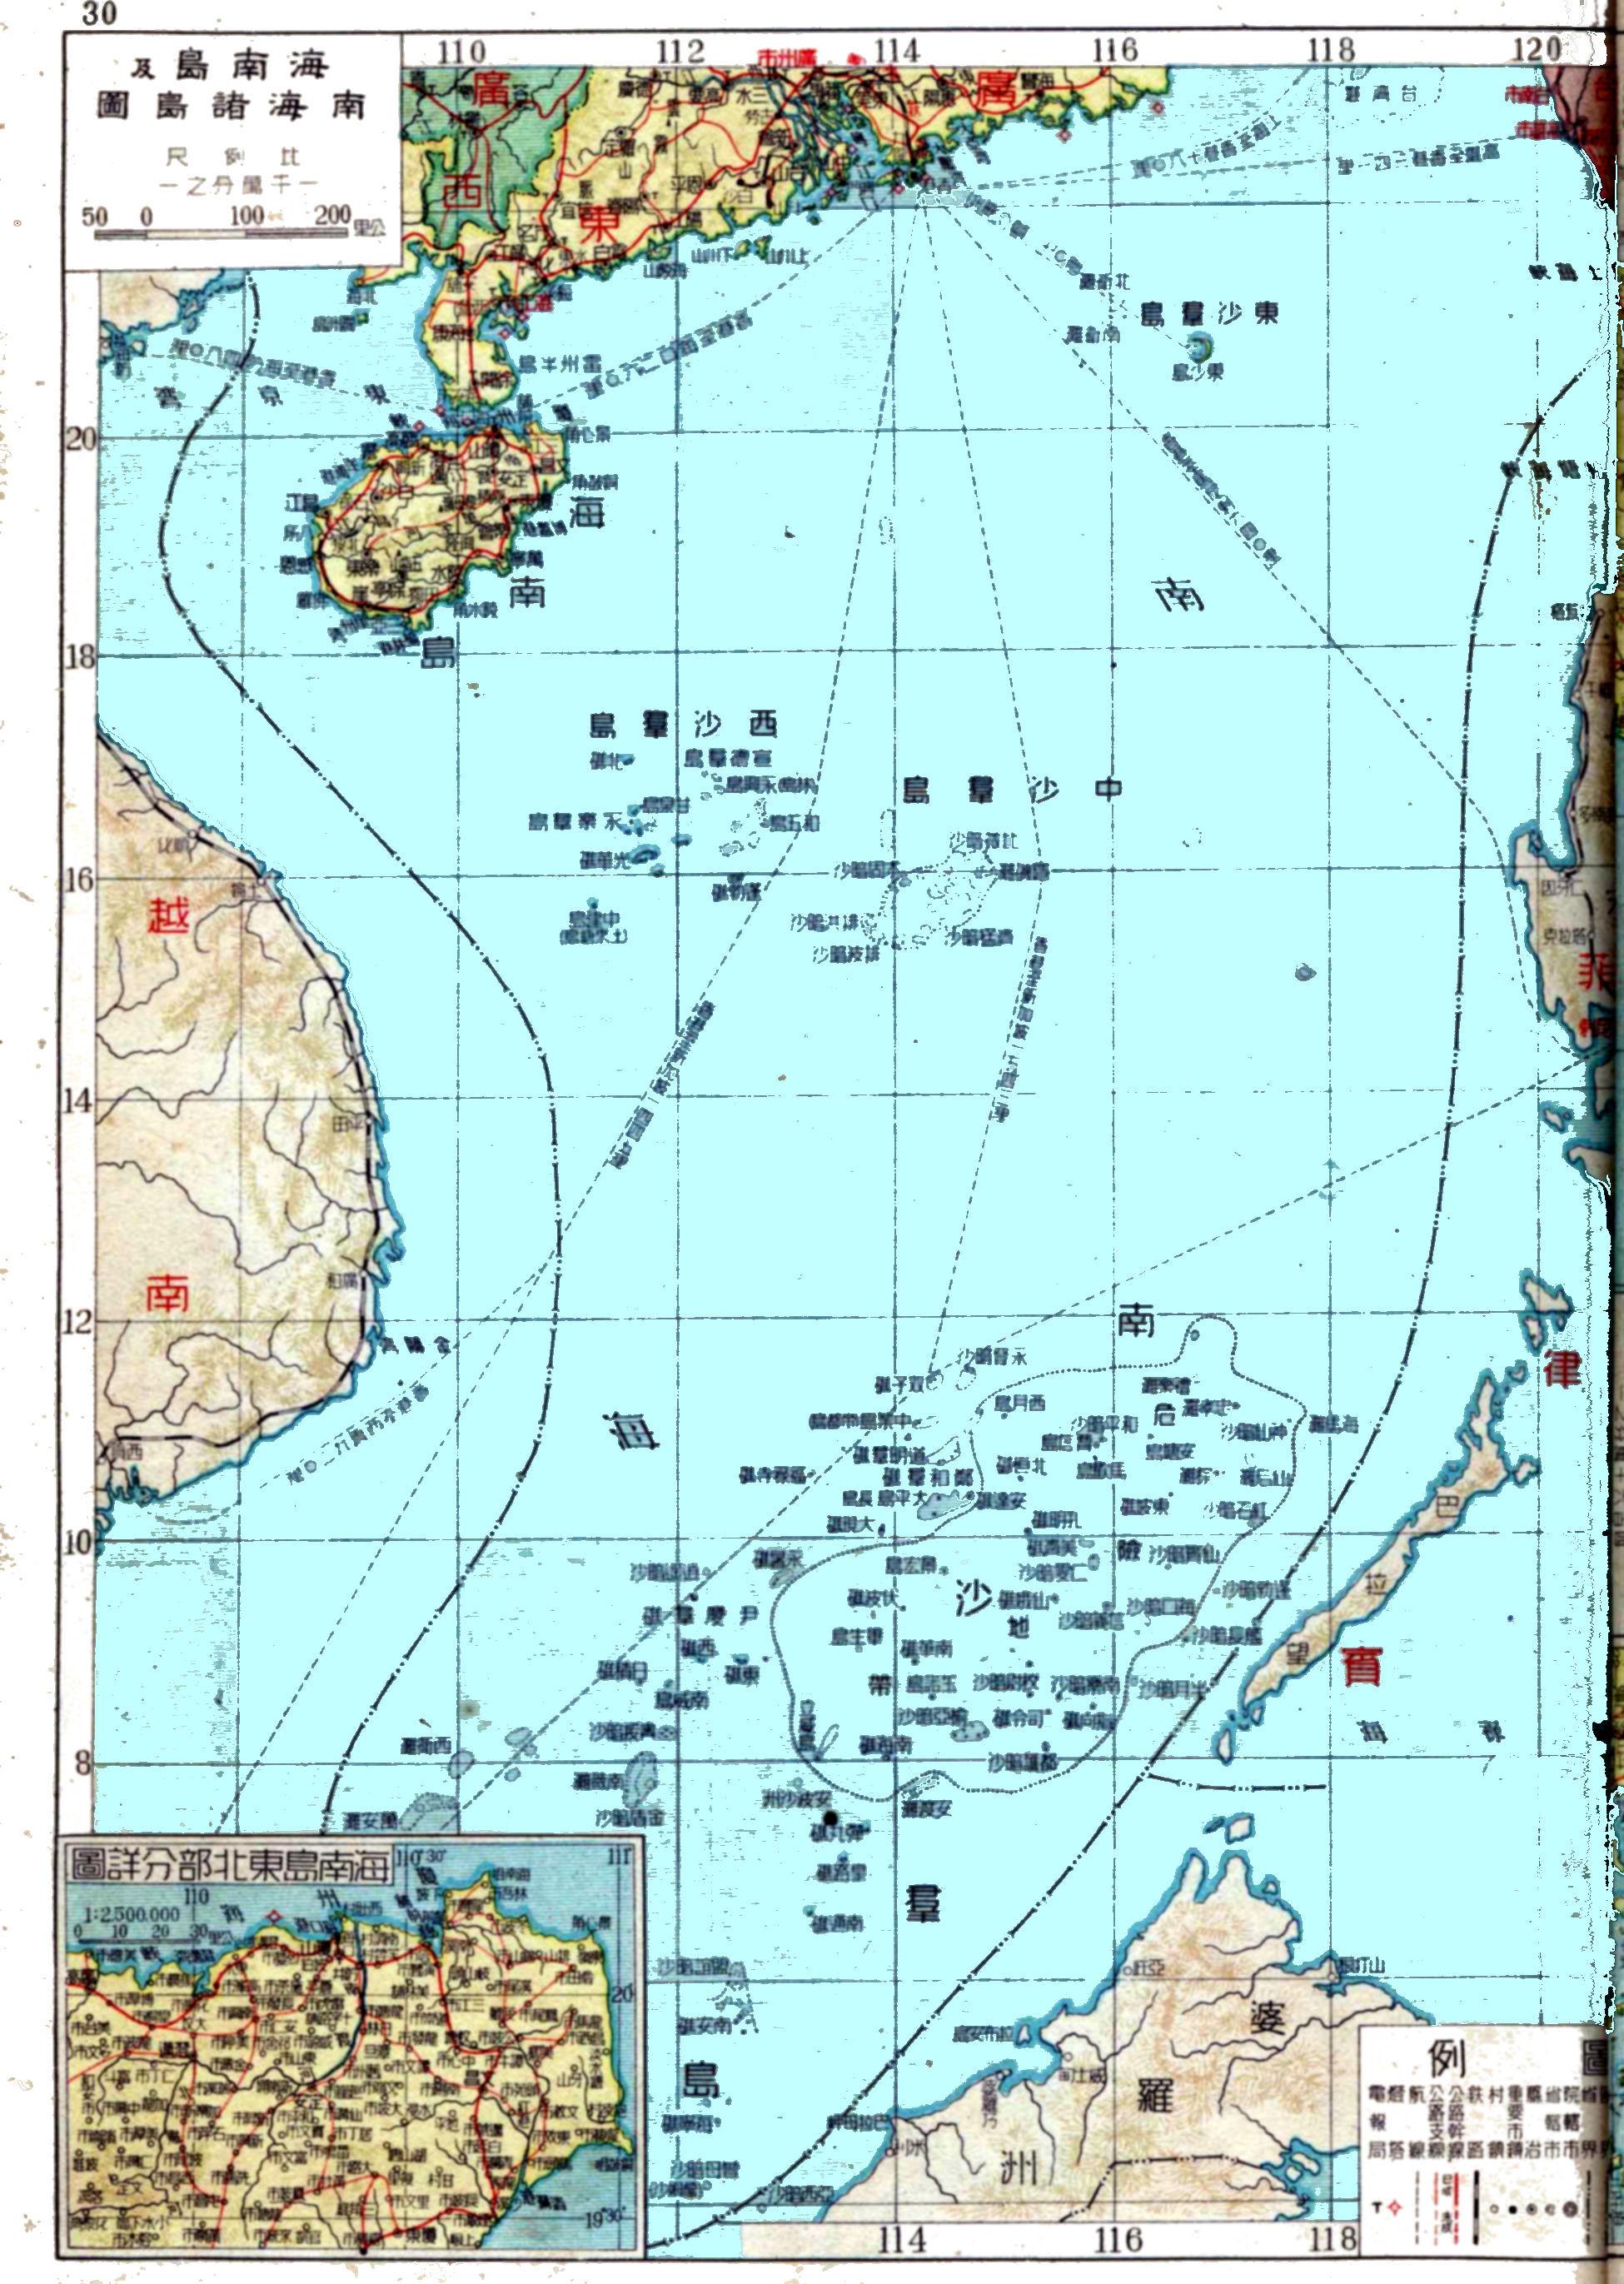 アメリカが中国牽制のために南シナ海に軍艦を派遣、フィリピン・アキノ大統領は歓迎